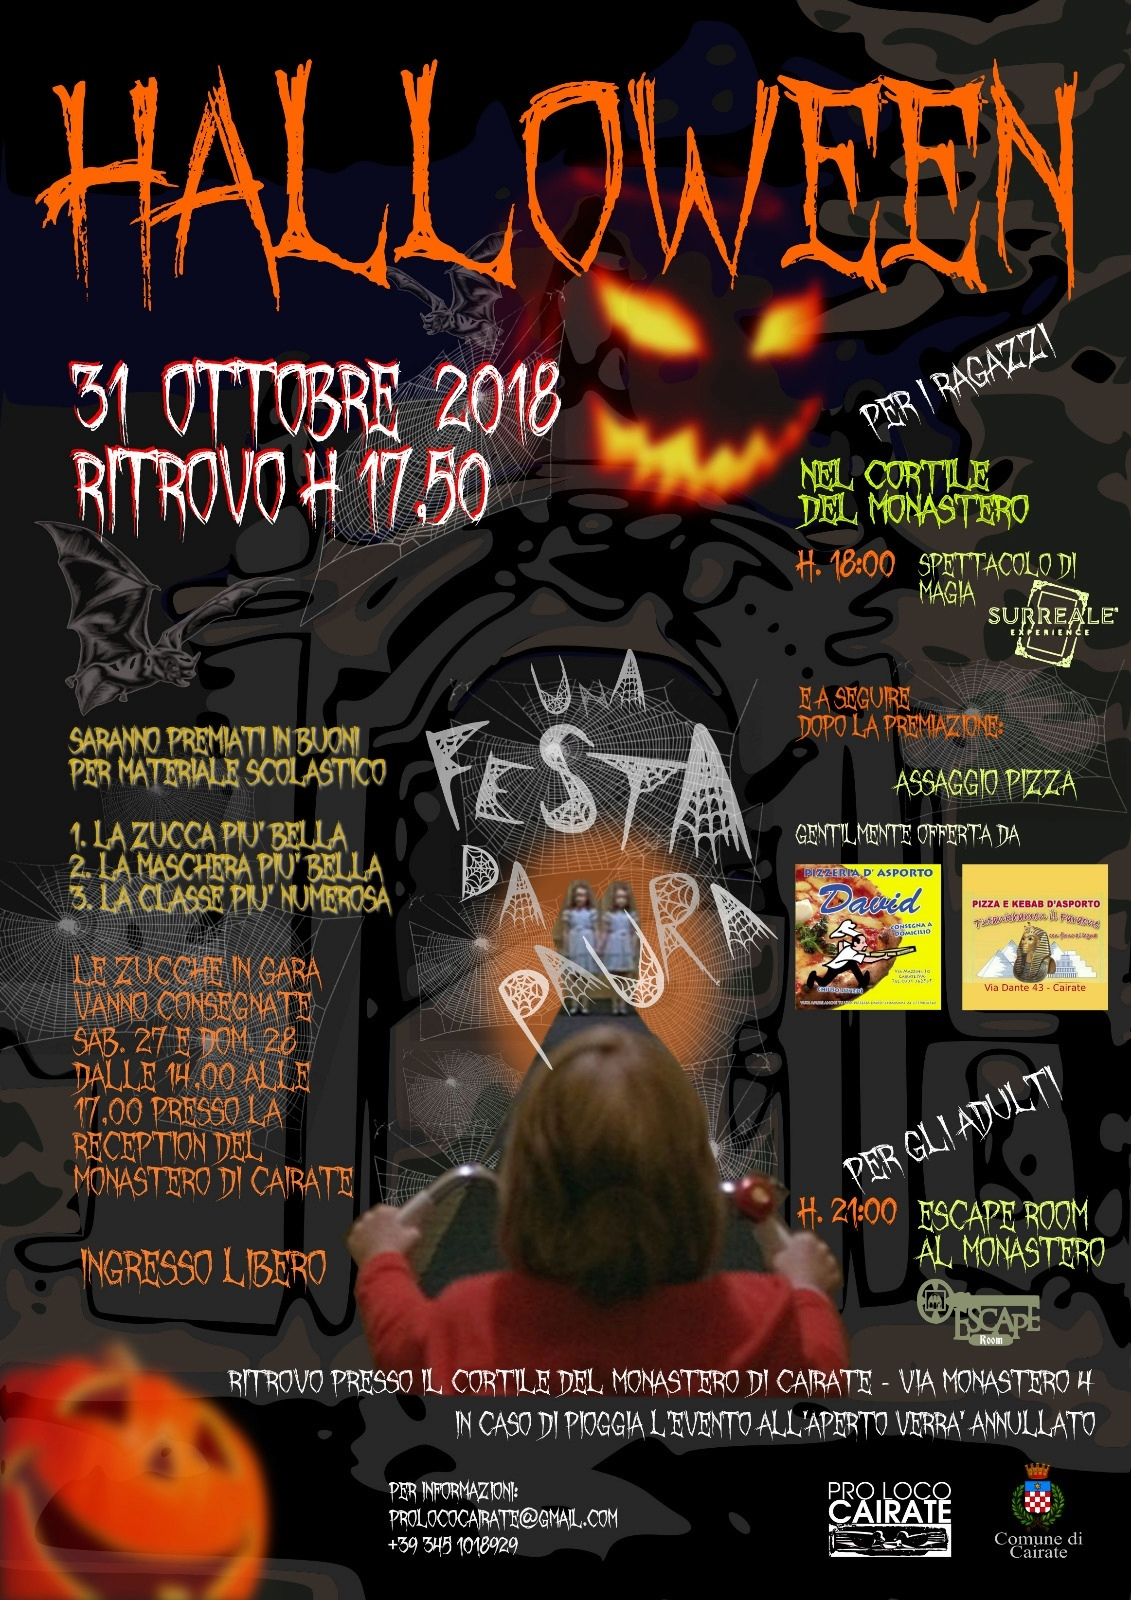 Halloween - una festa da paura Hallow10